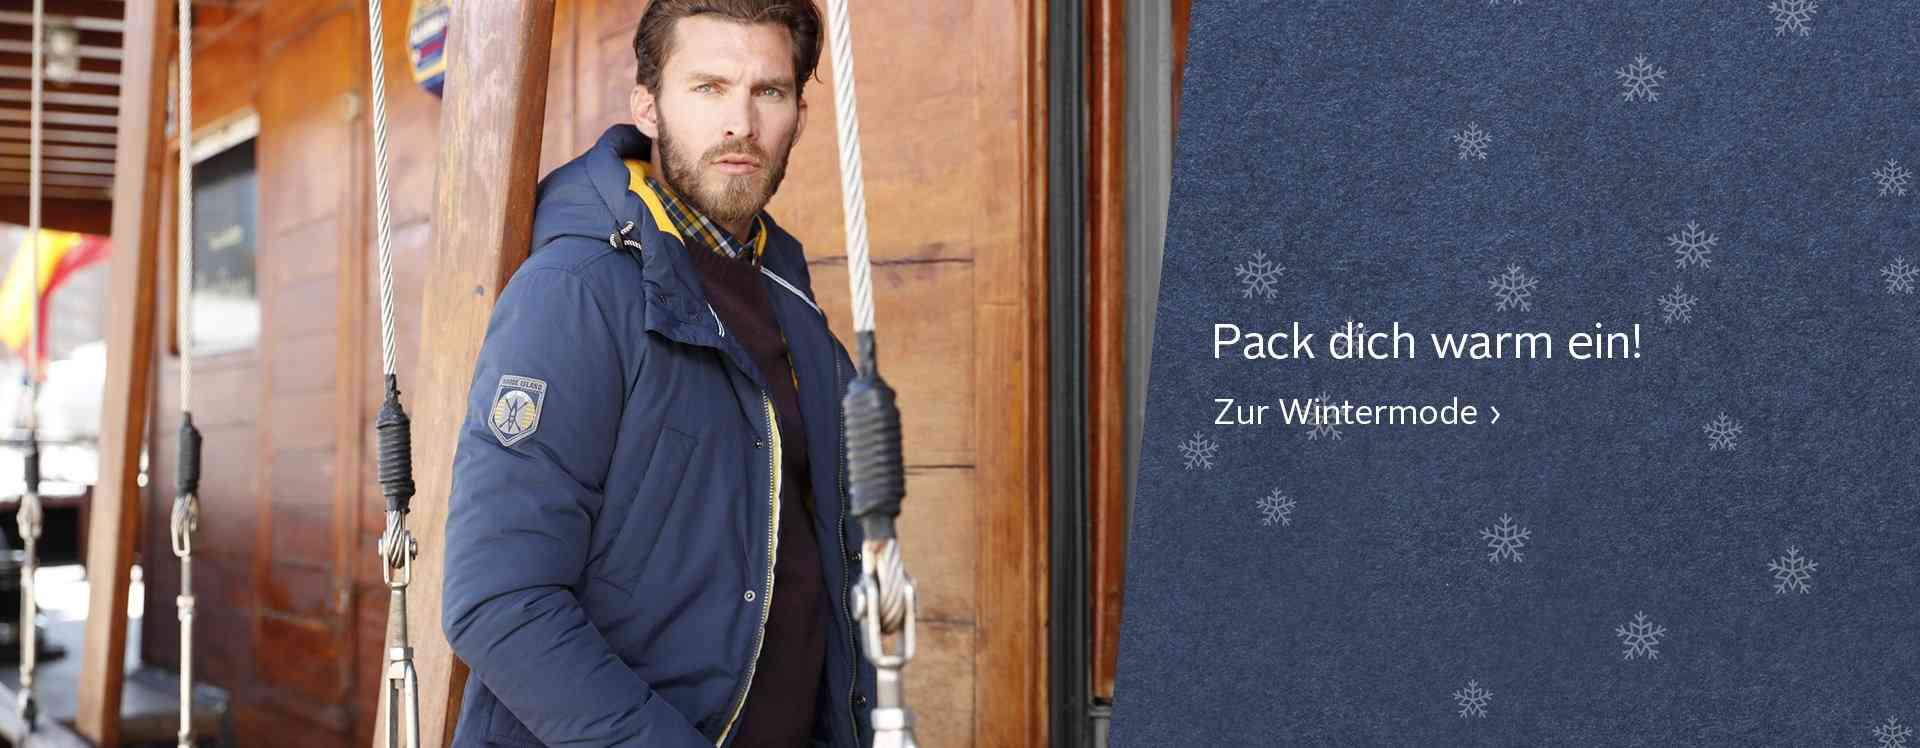 Wir bringen Sie gut gestylt durch den Winter. Zu unserem Shop Wintermode.